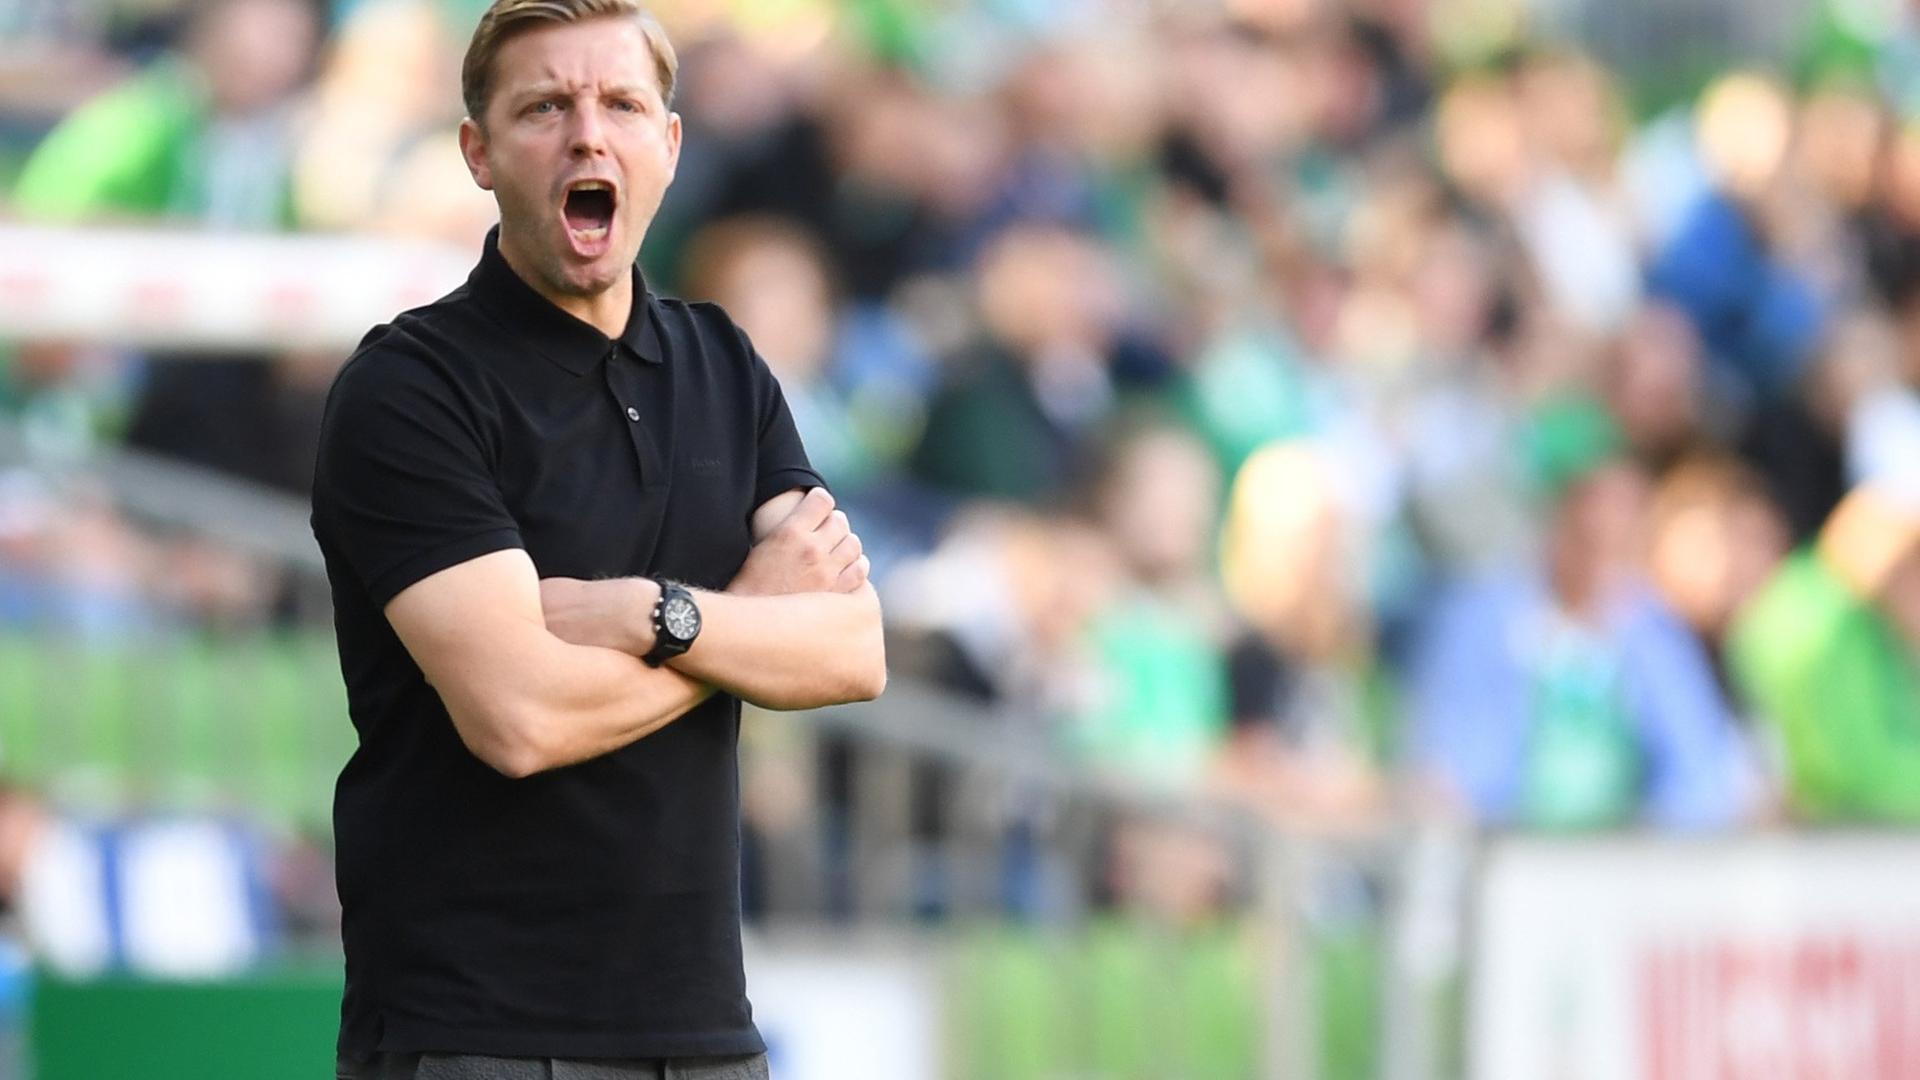 19.09.2020, Fußball-Bundesliga, Werder Bremen - Hertha BSC: Werder-Trainer Florian Kohfeldt an der Seitenlinie.